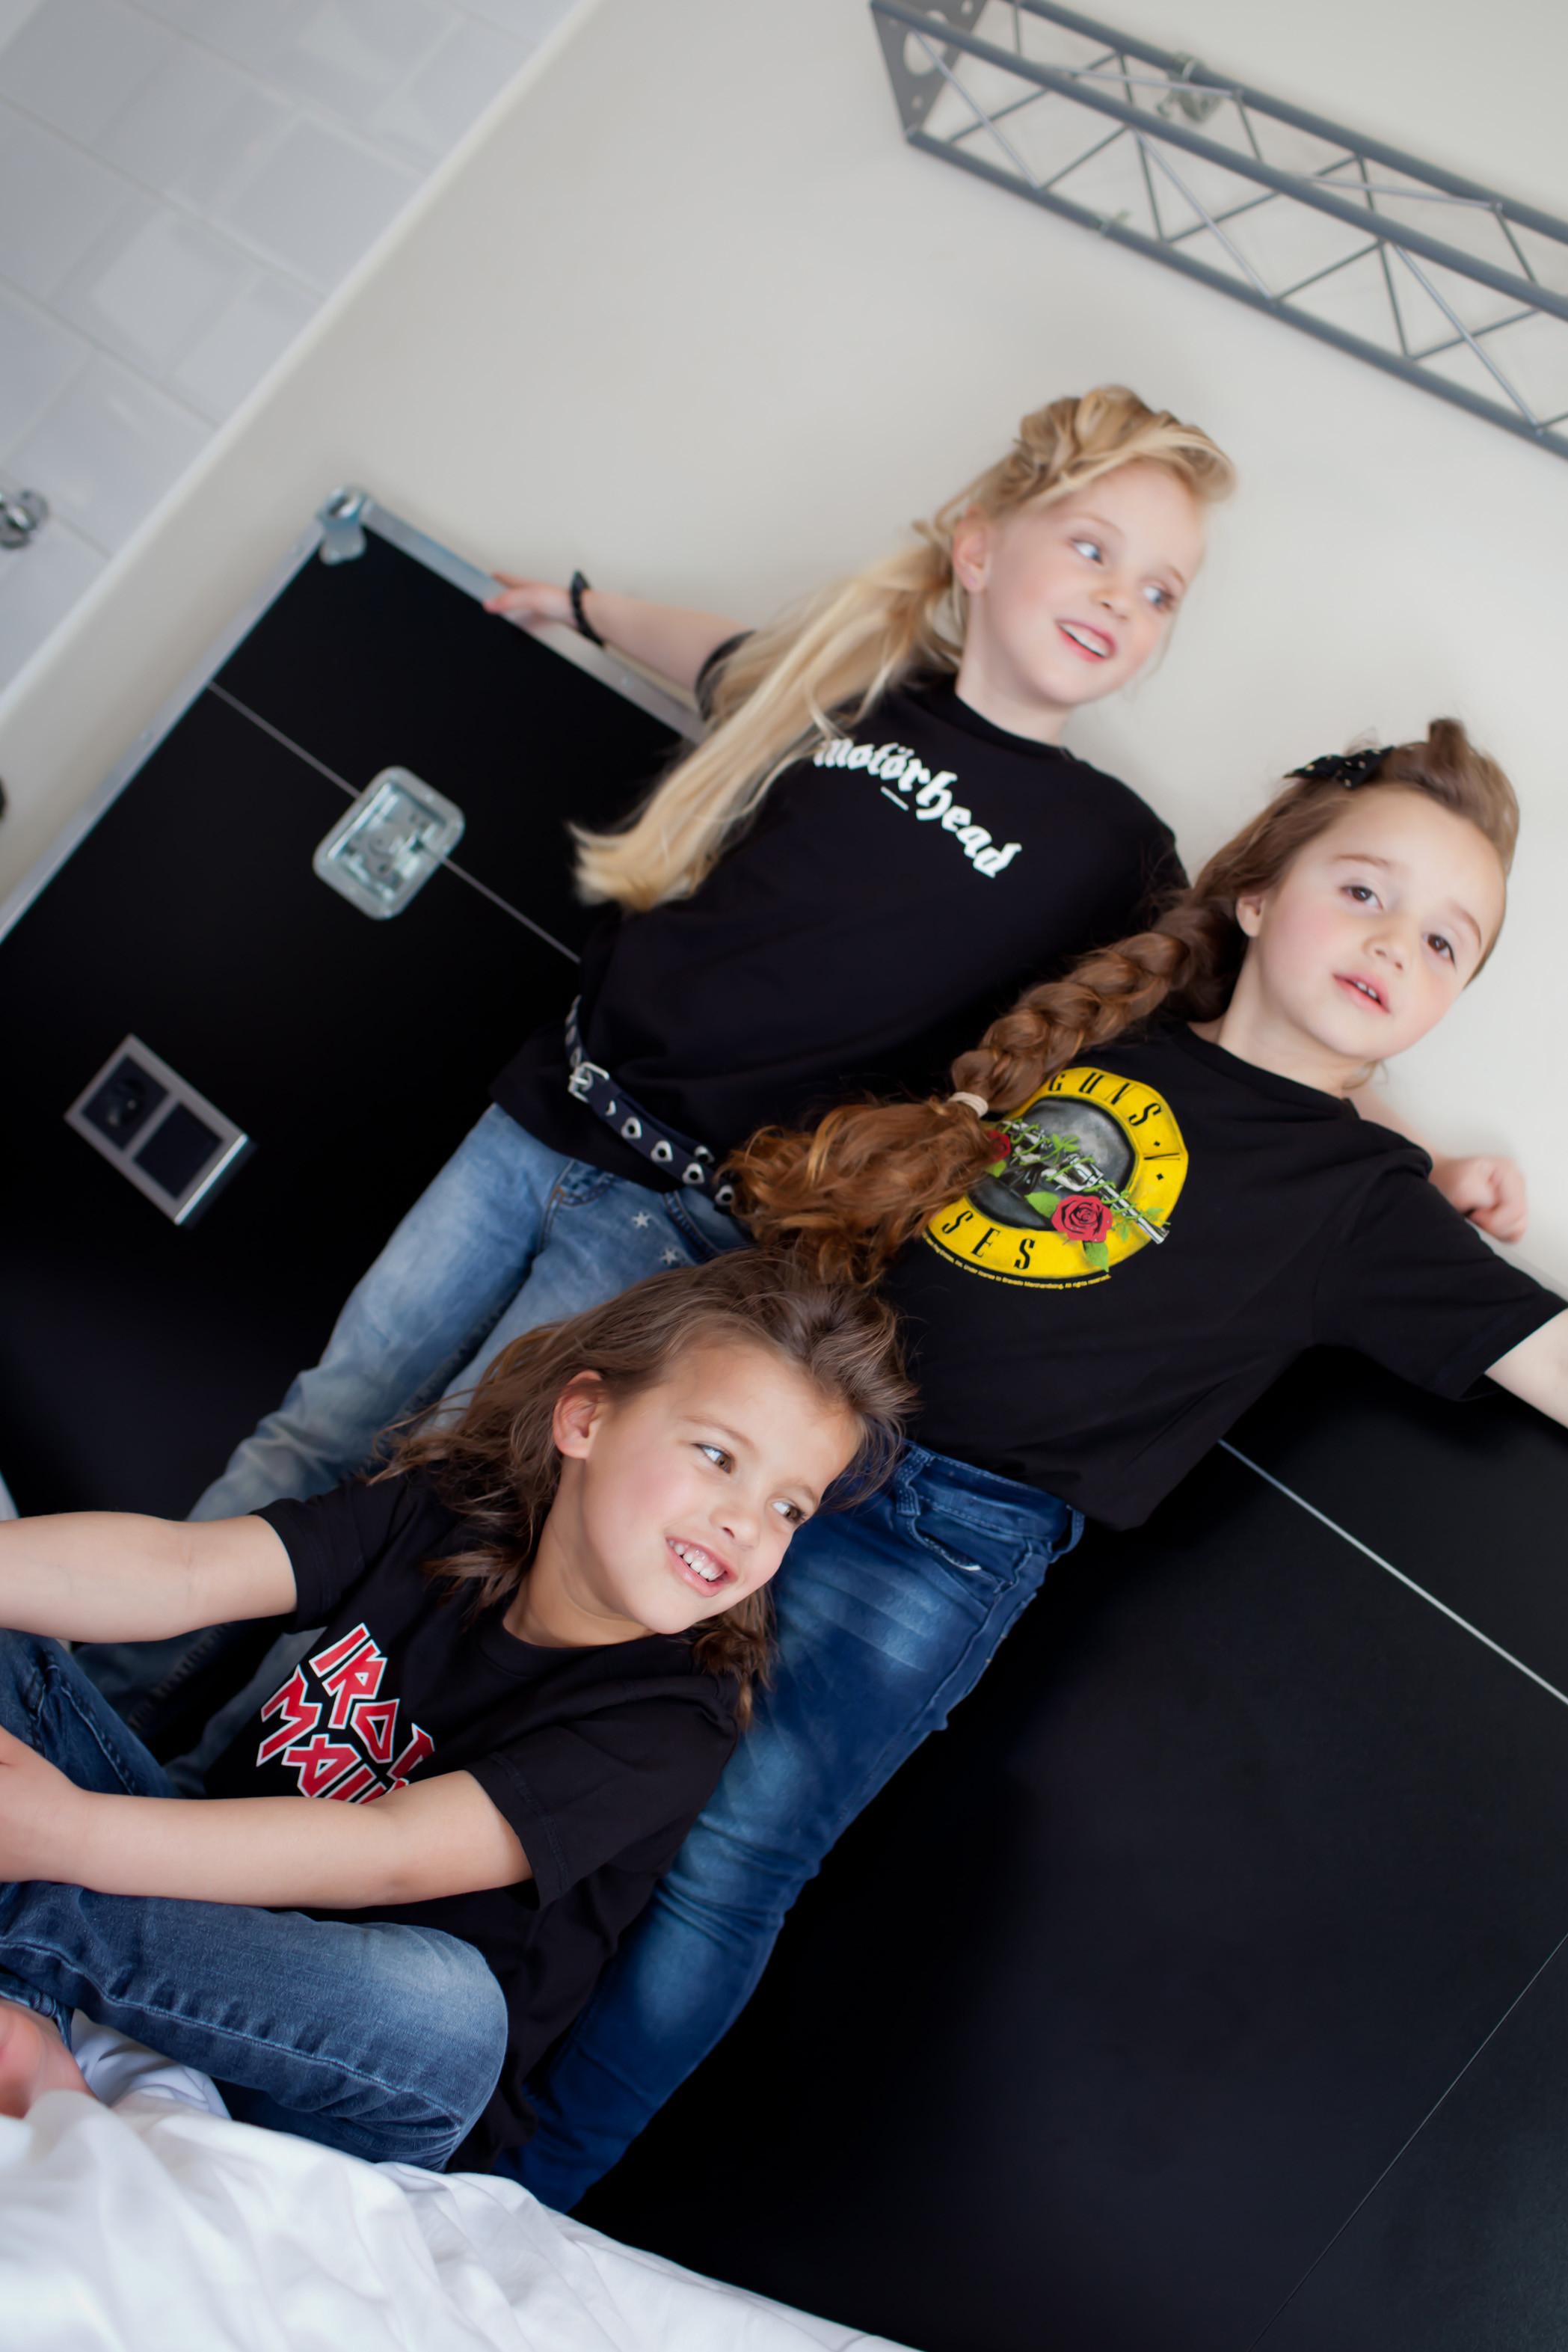 Iron Maiden Kinder T-shirt Logo – Metal kinder